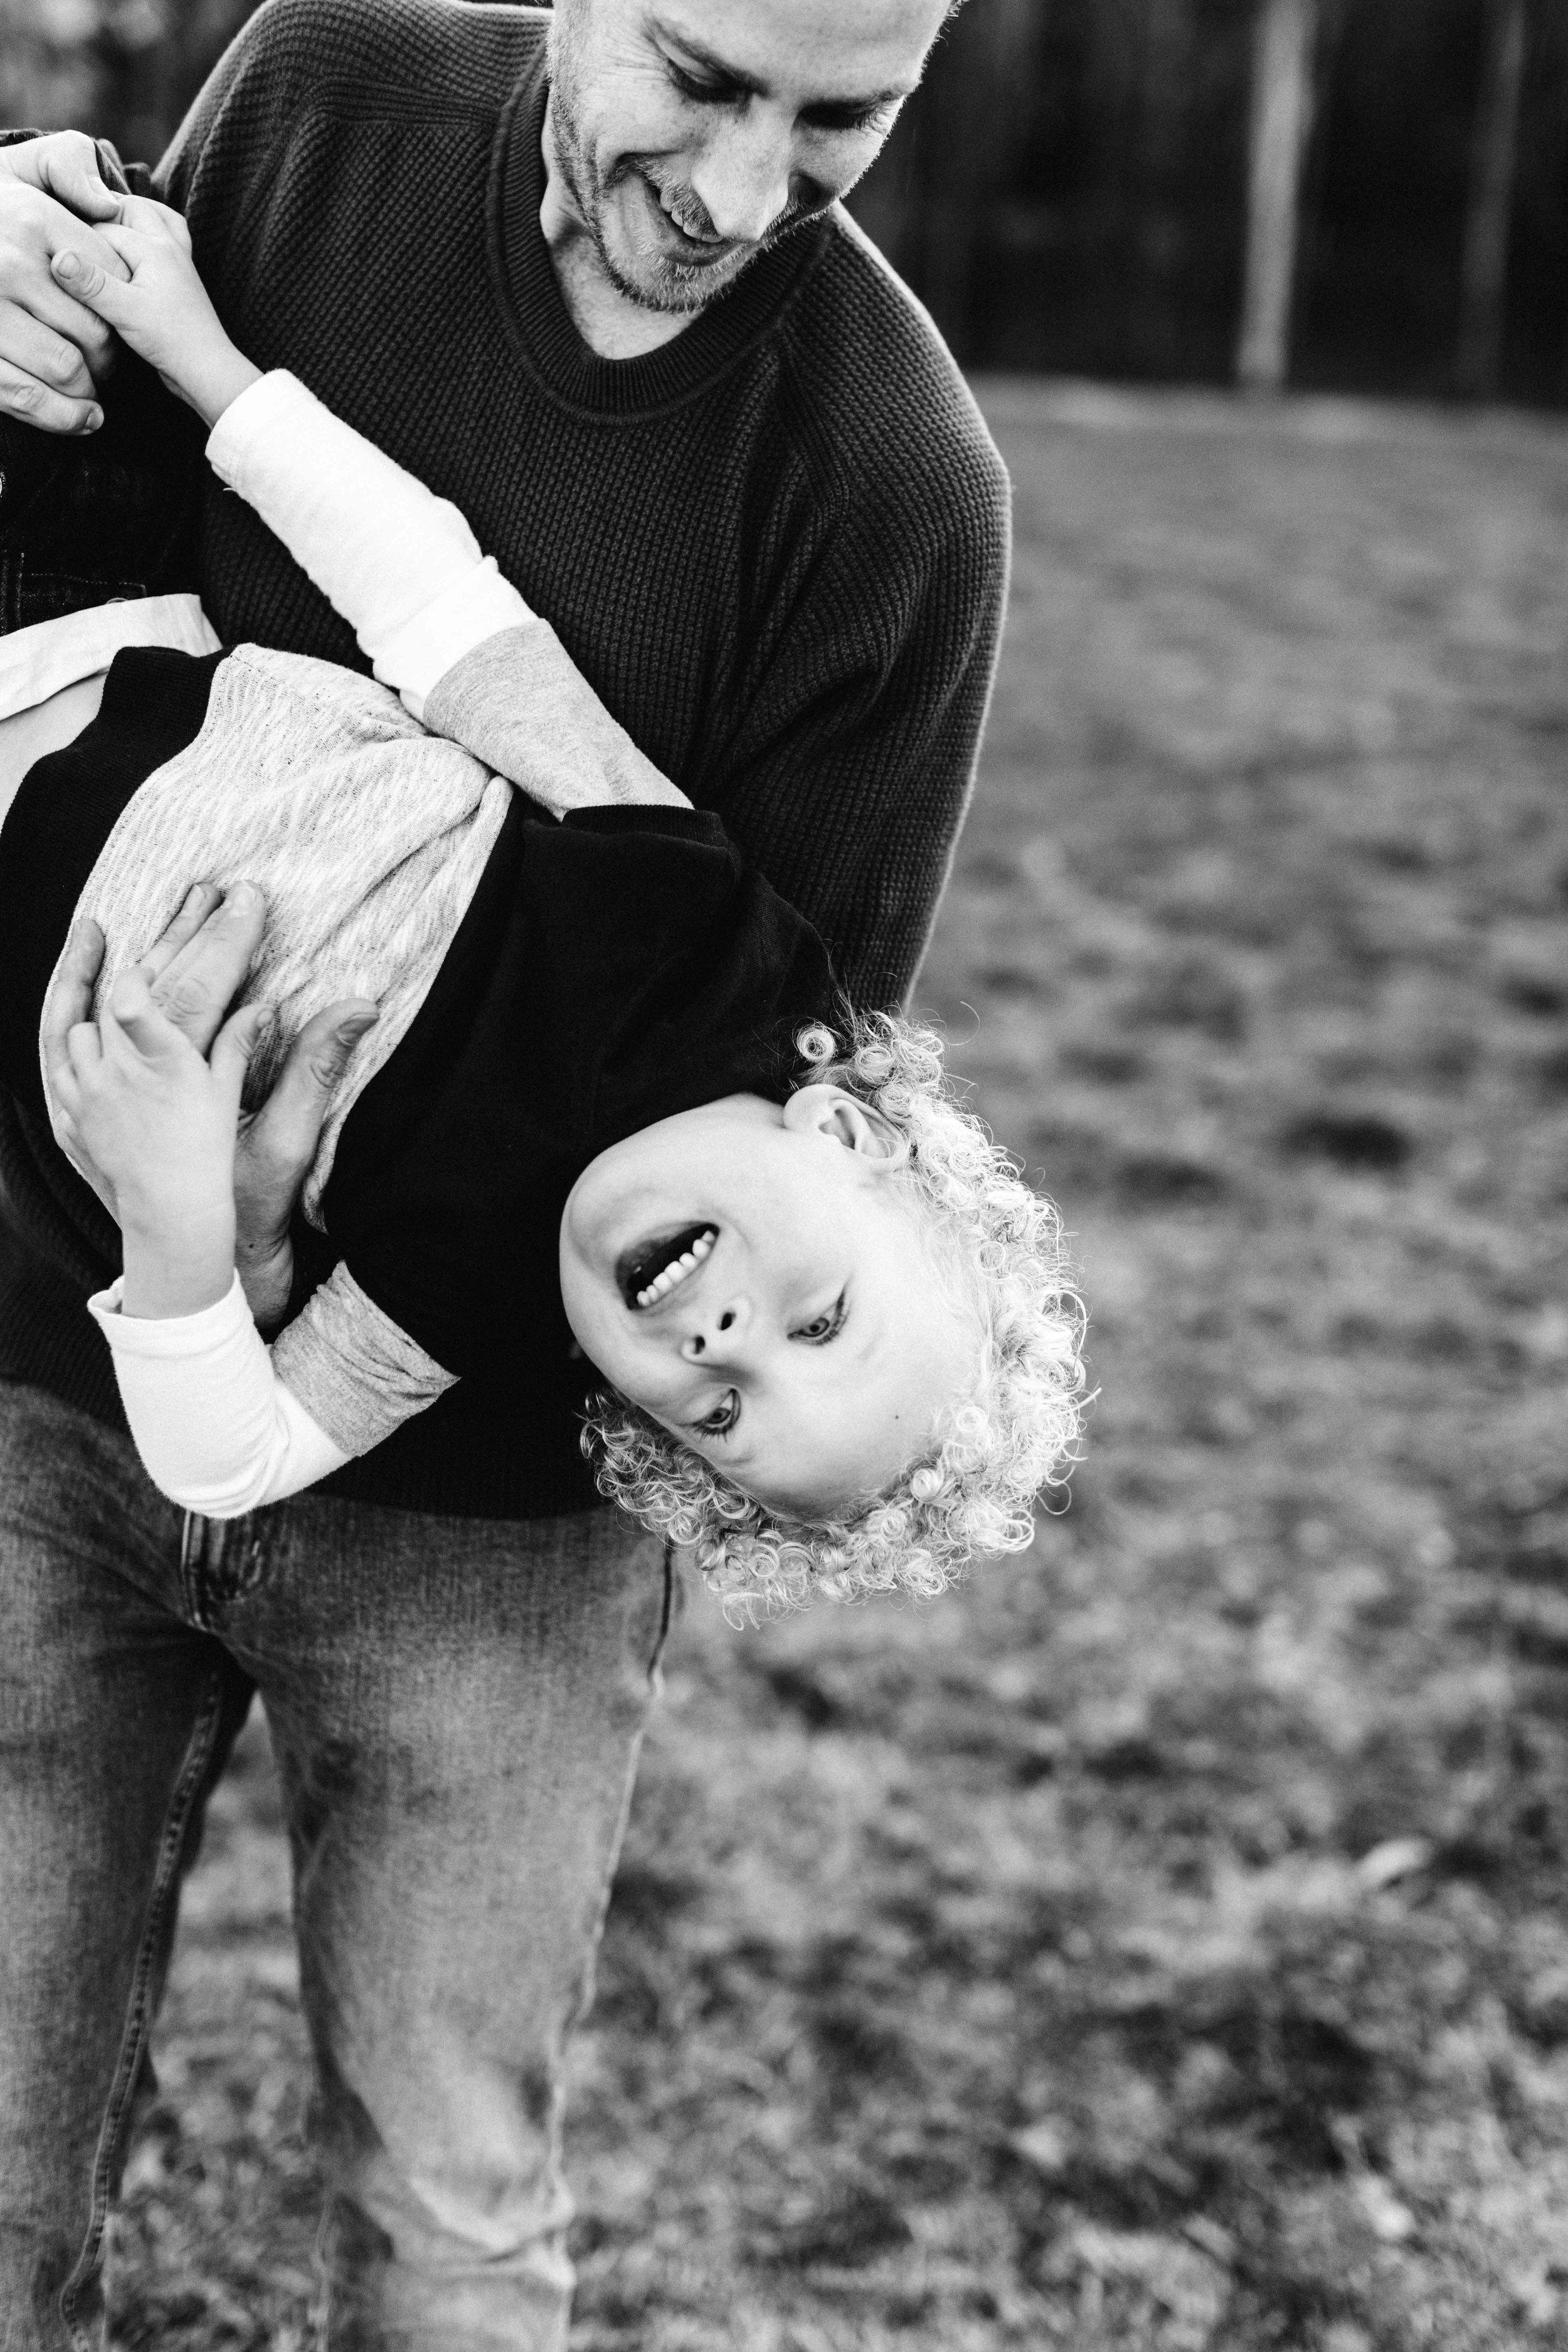 camden-family-photography-bicentennial-area-mckone-family-23.jpg